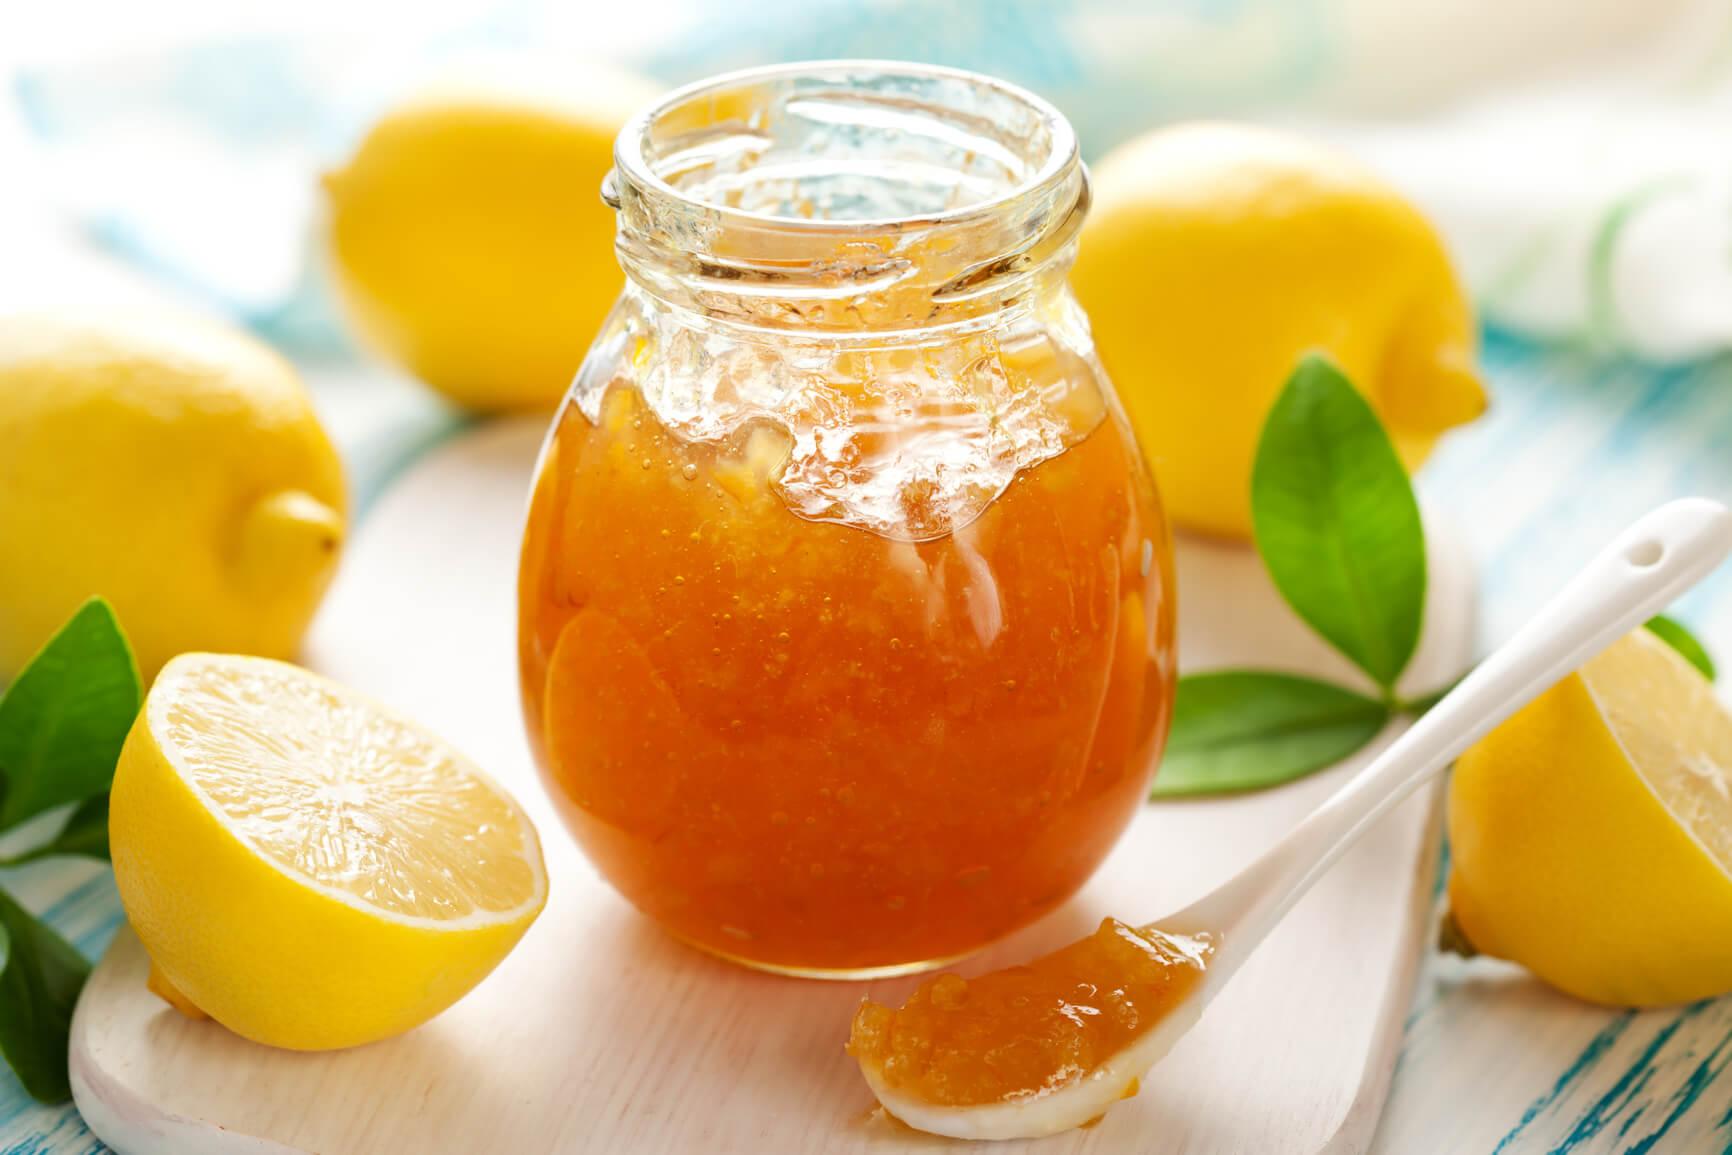 друзья больного лимонное варенье рецепт с фото пошагово касаткин